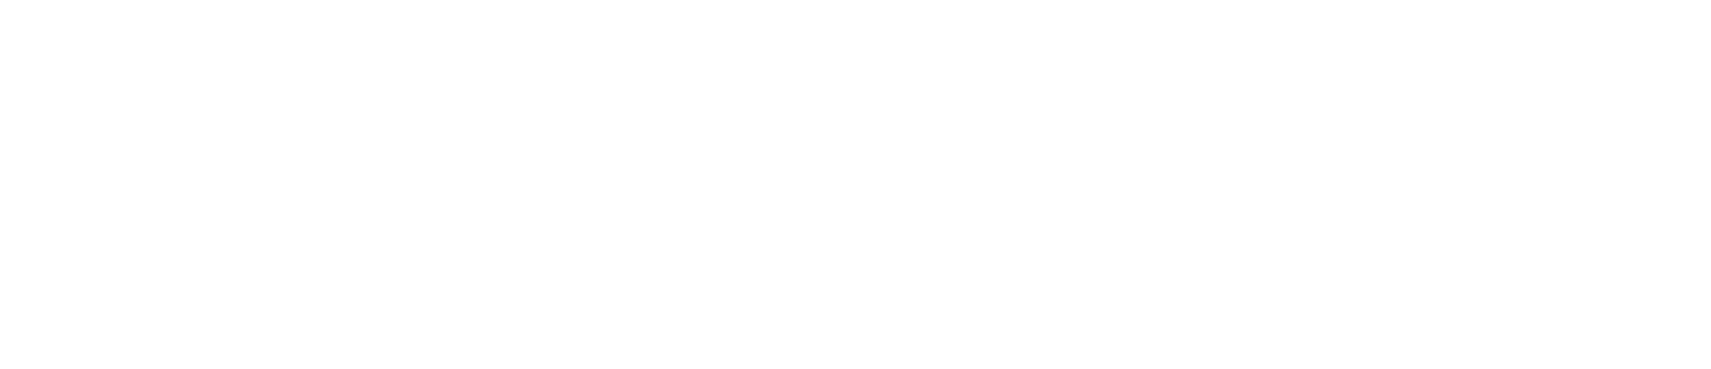 DIGITAL7 Media